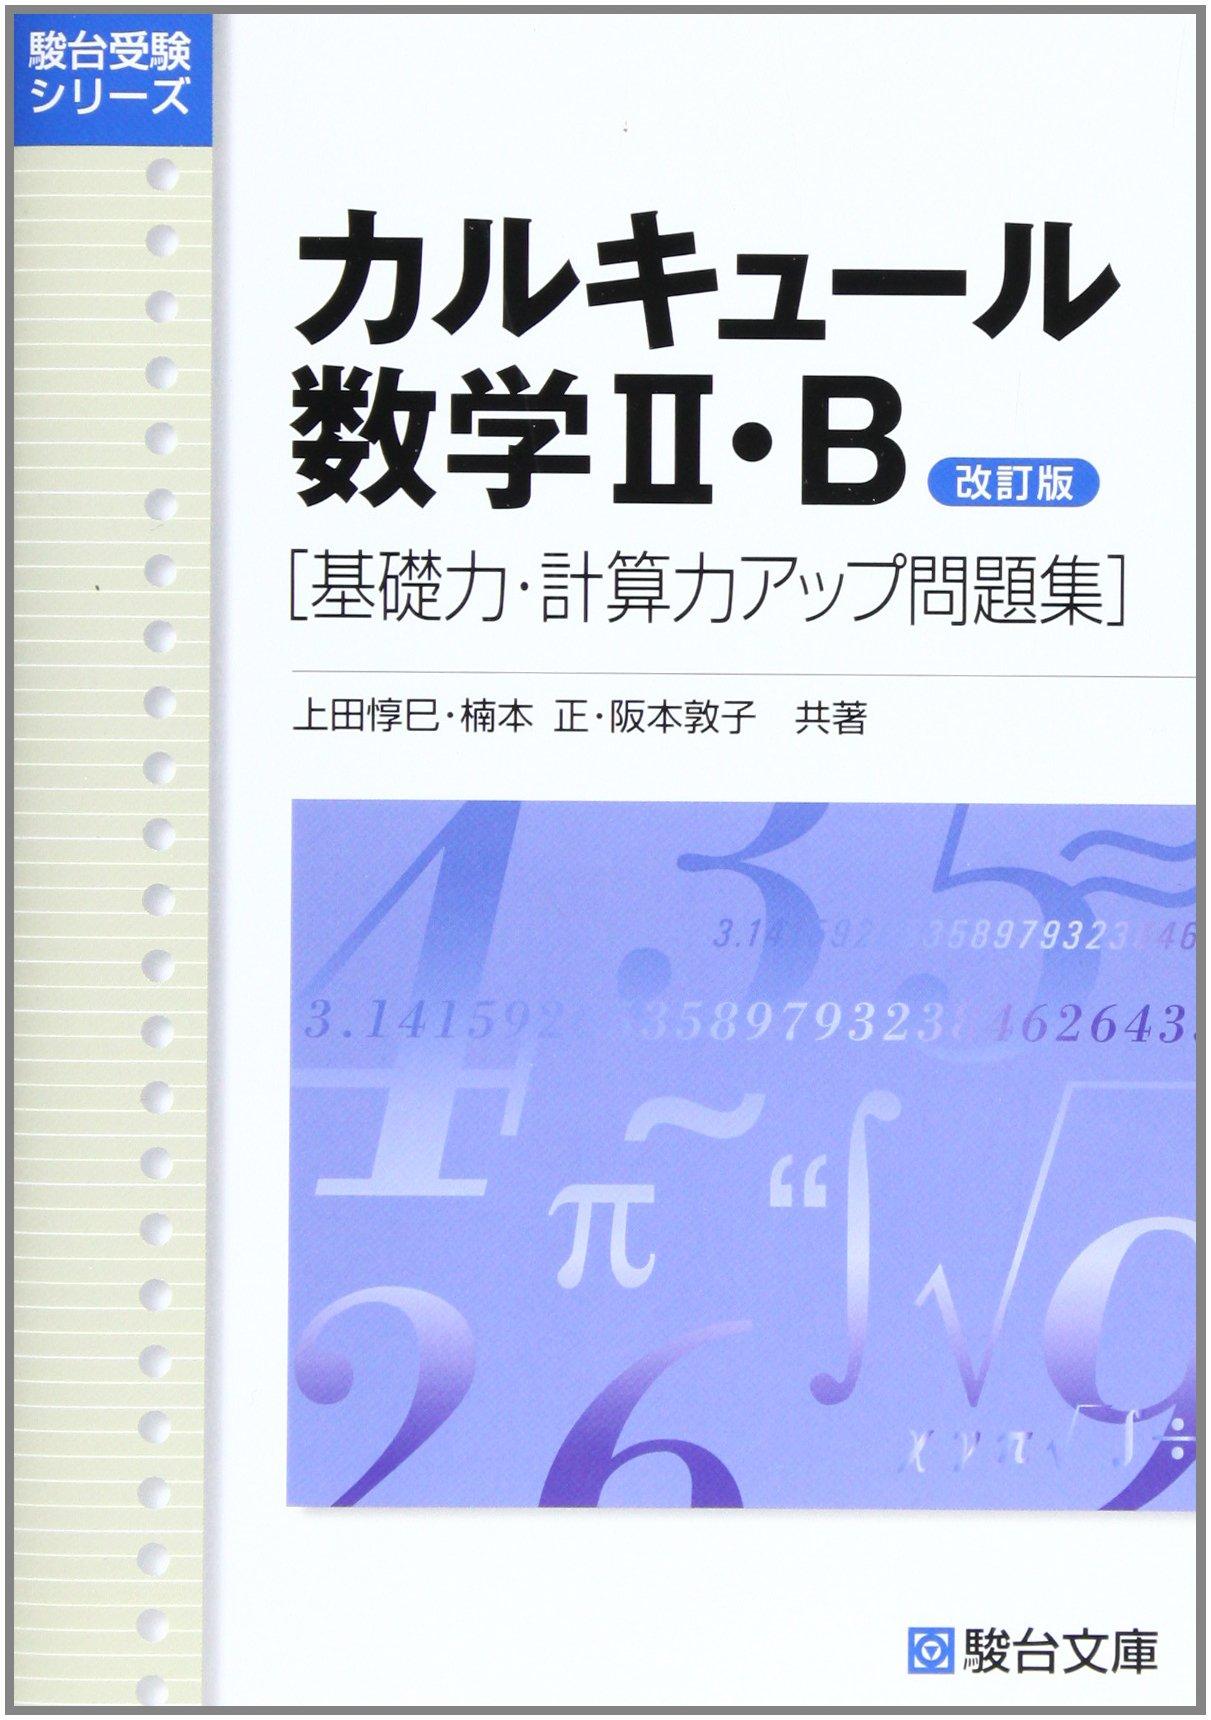 数学の計算力を鍛えるためのおすすめ問題集『カルキュール 数学Ⅱ・B』